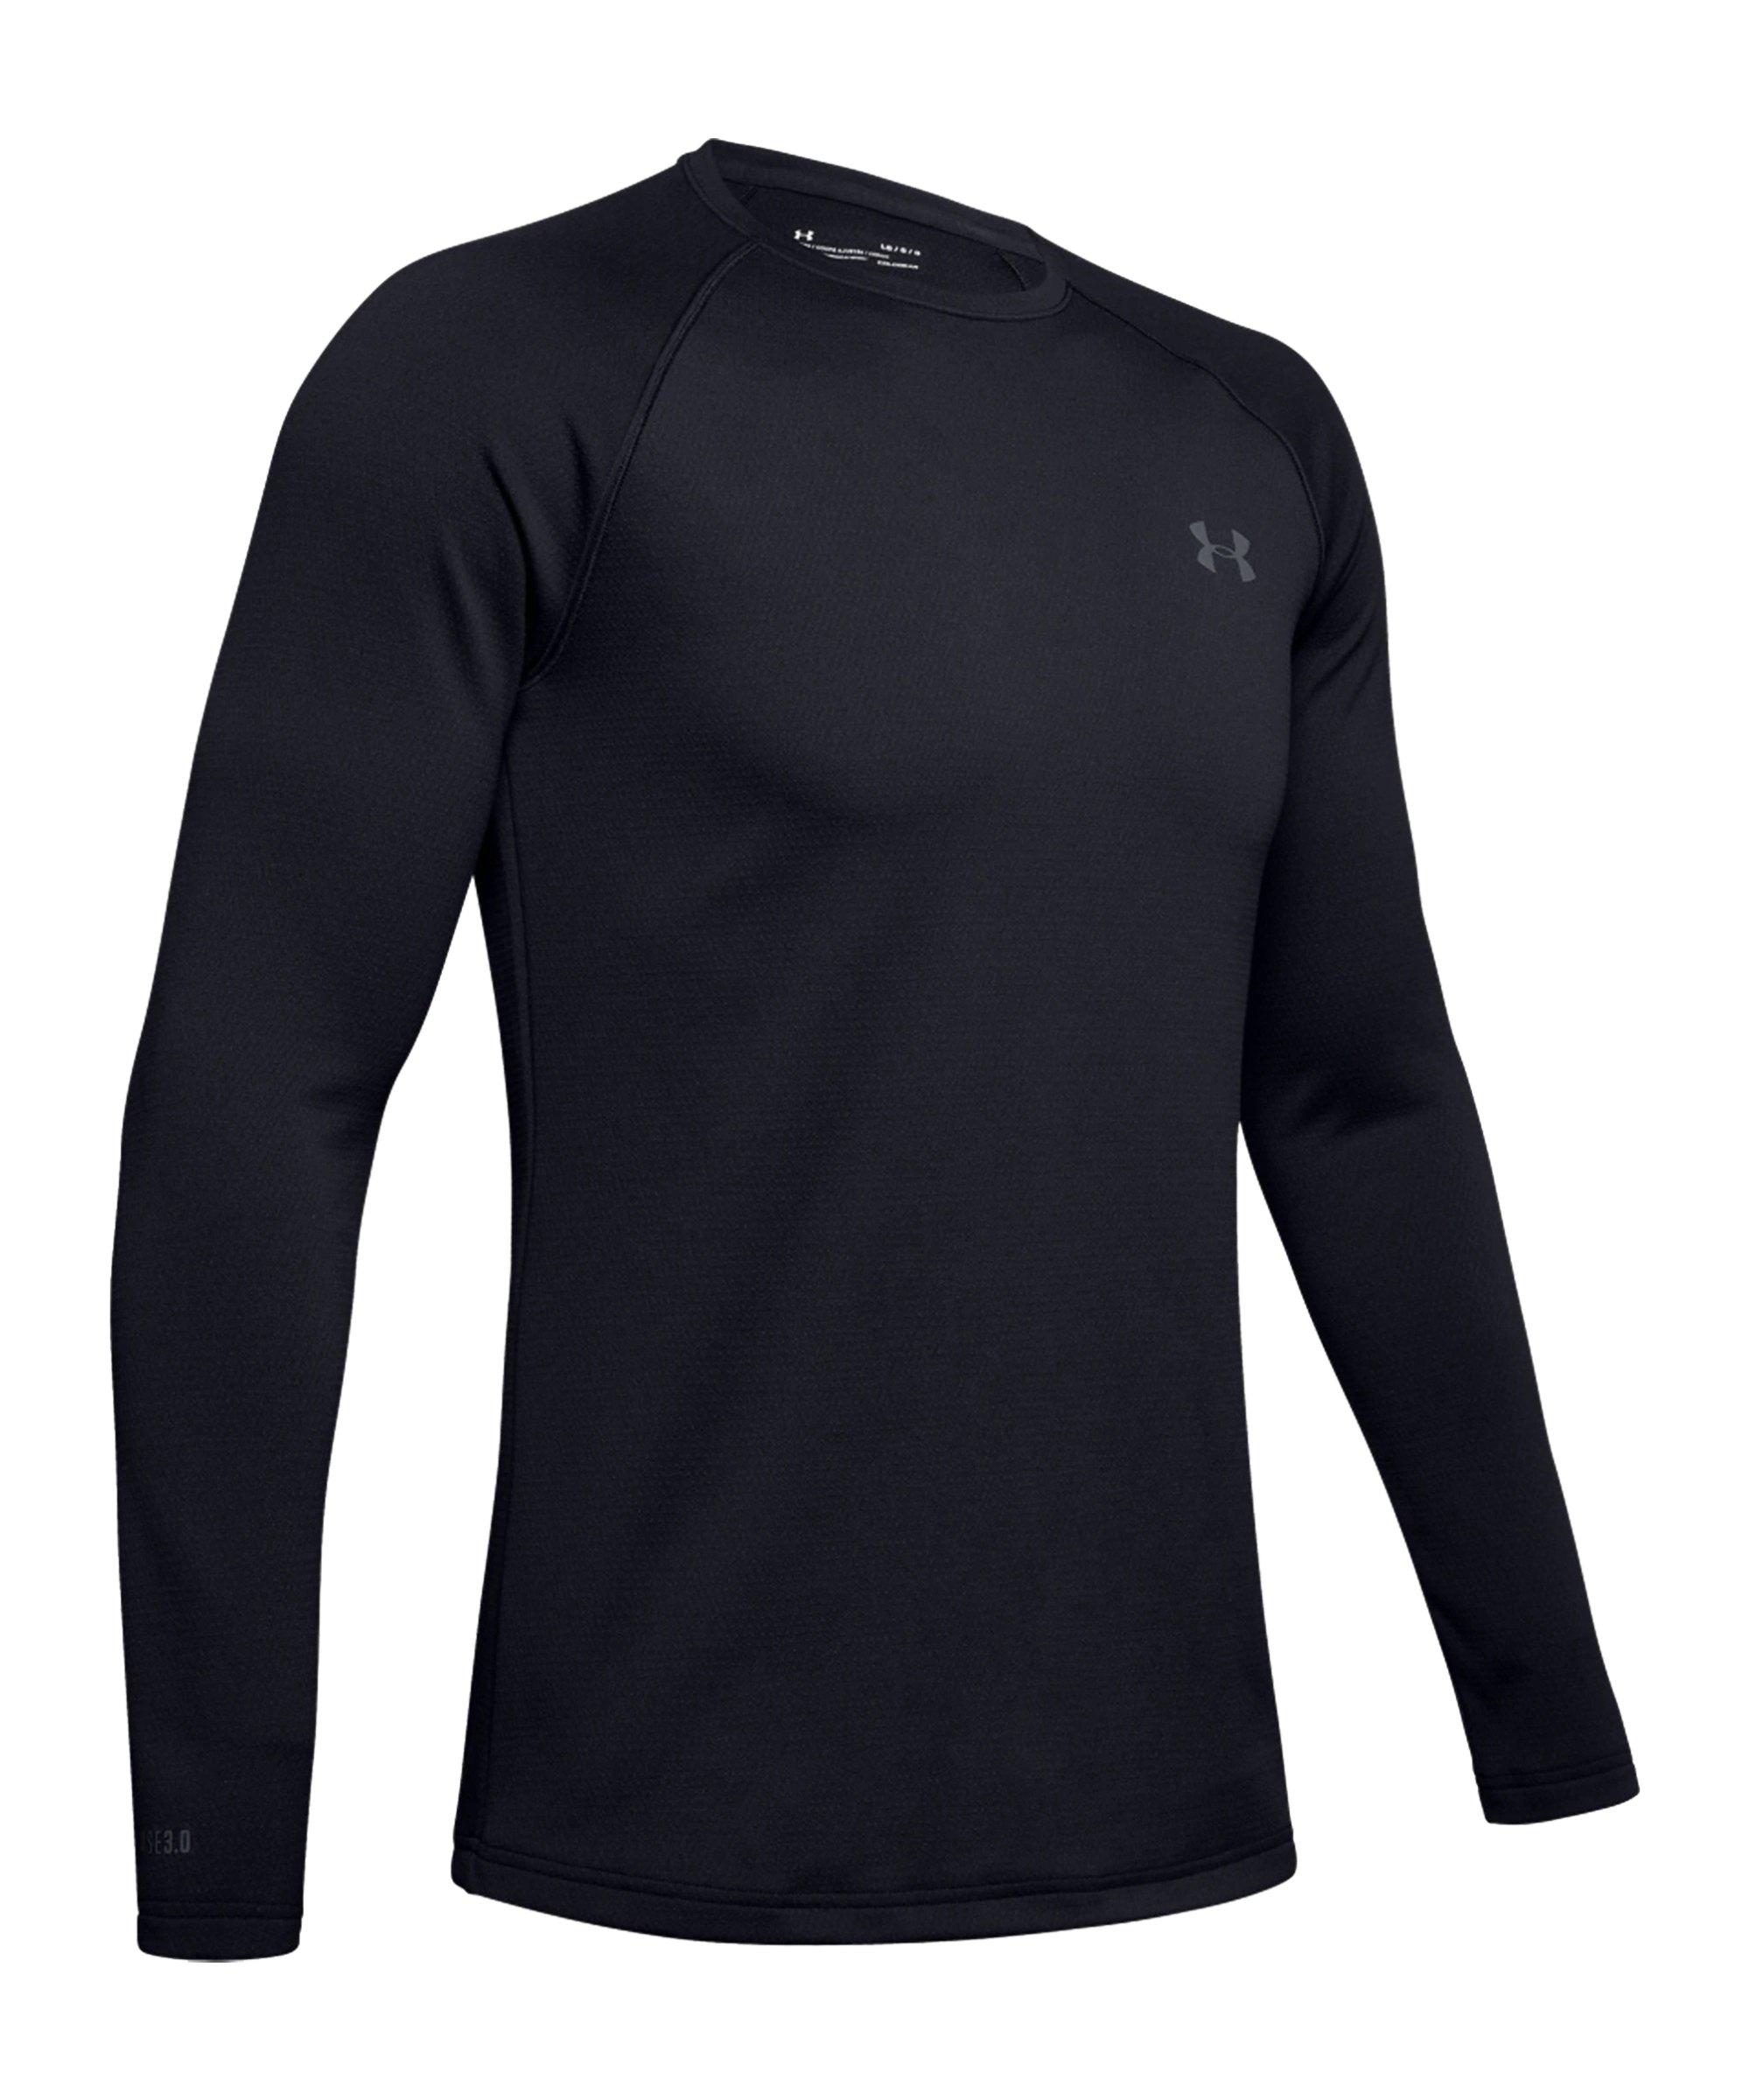 Under Armour Coldgear Base 3.0 Sweatshirt F001 - schwarz